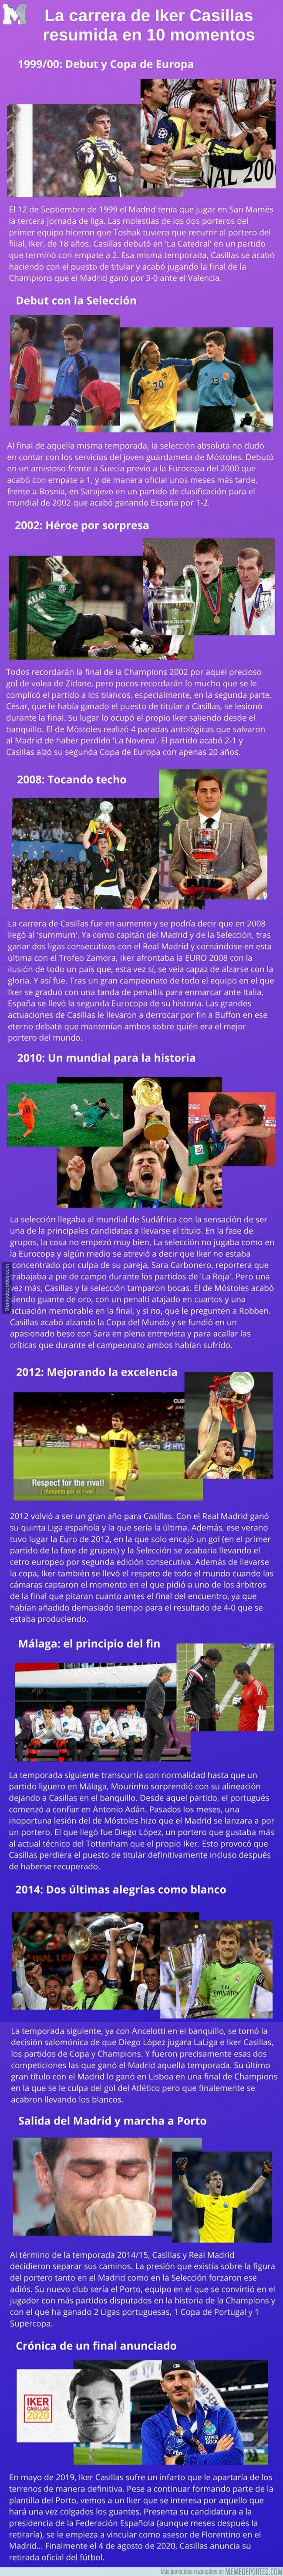 1111271 - La carrera de Iker Casillas resumida en 10 momentos